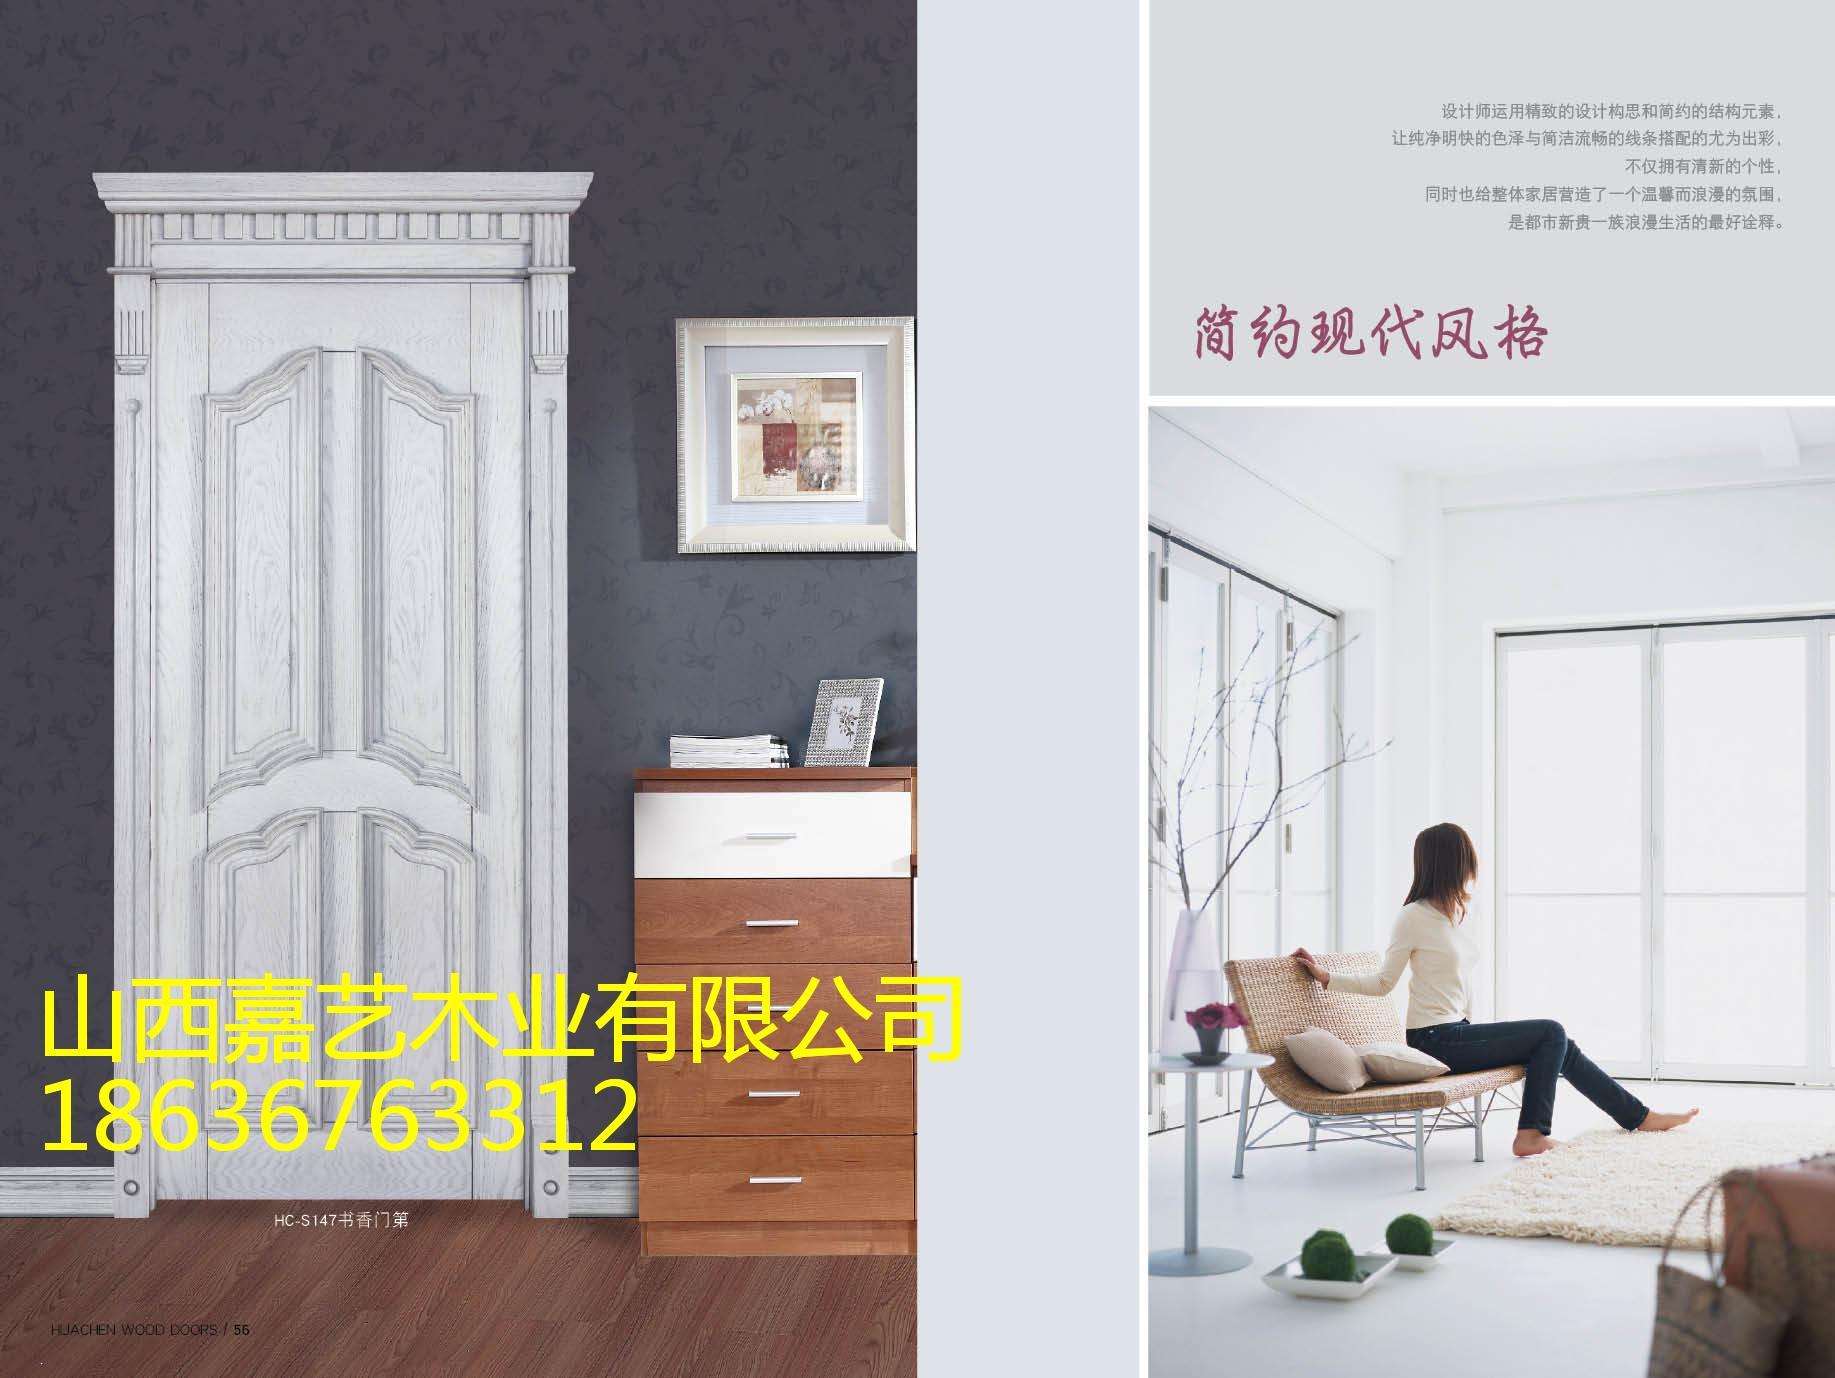 山西华宸木门30强品牌,山西木门企业全屋定制10佳品牌